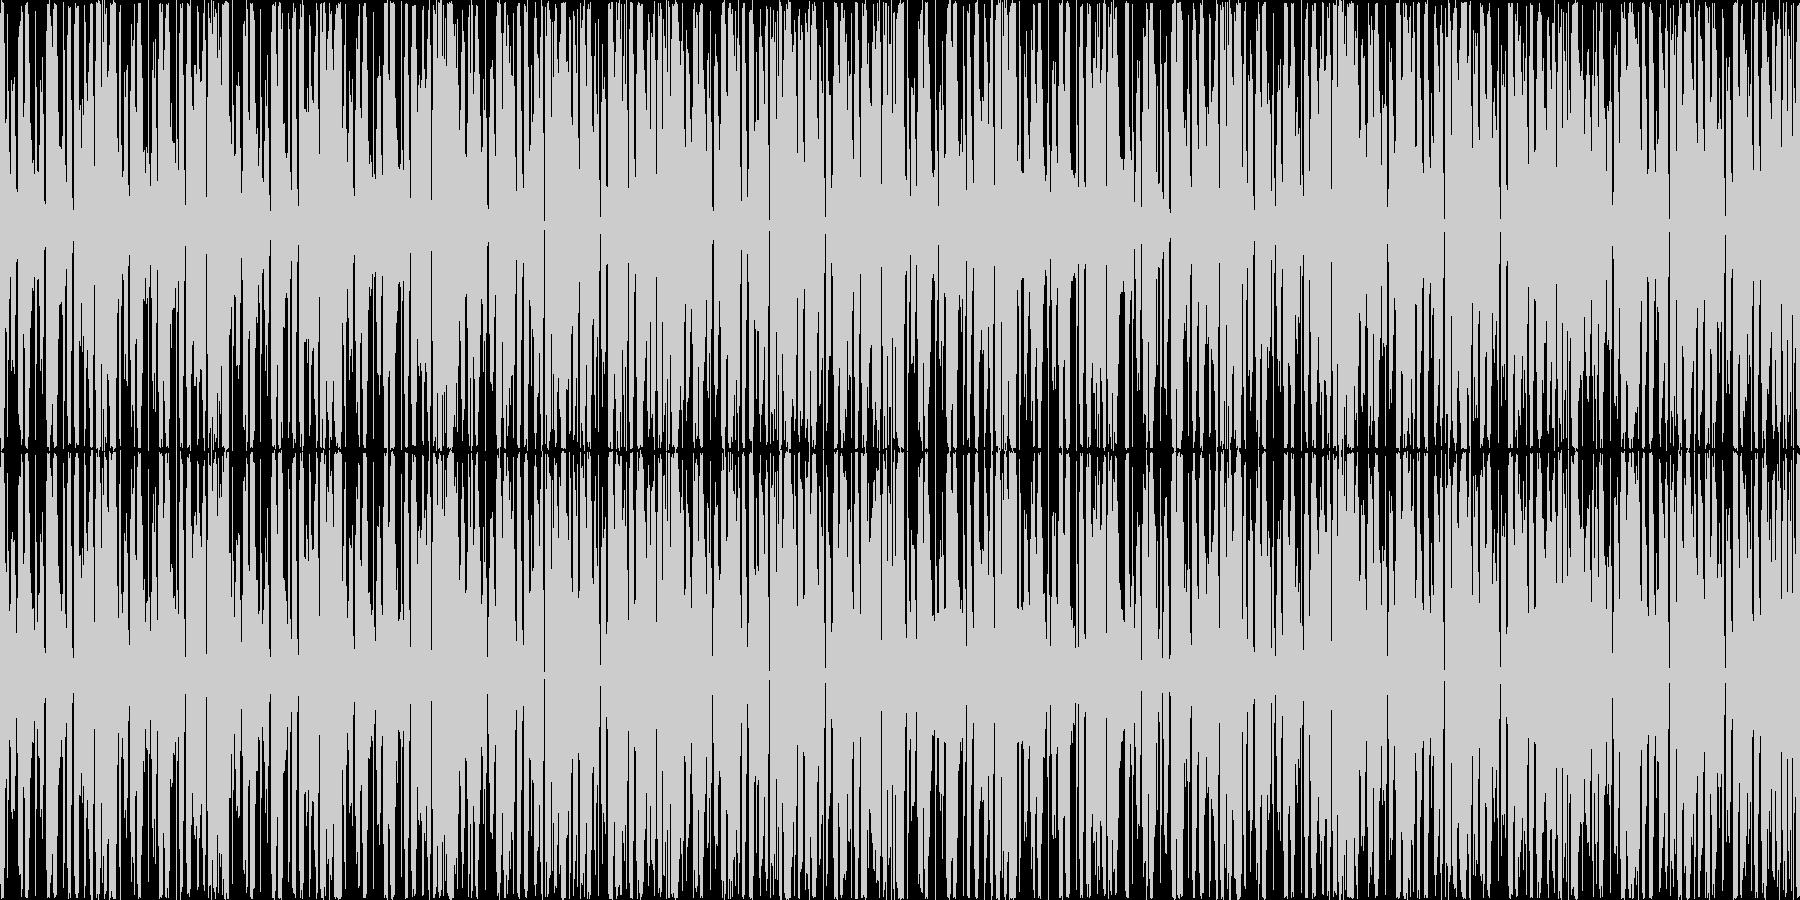 ゲームの選択画面などで使えるBGMの未再生の波形